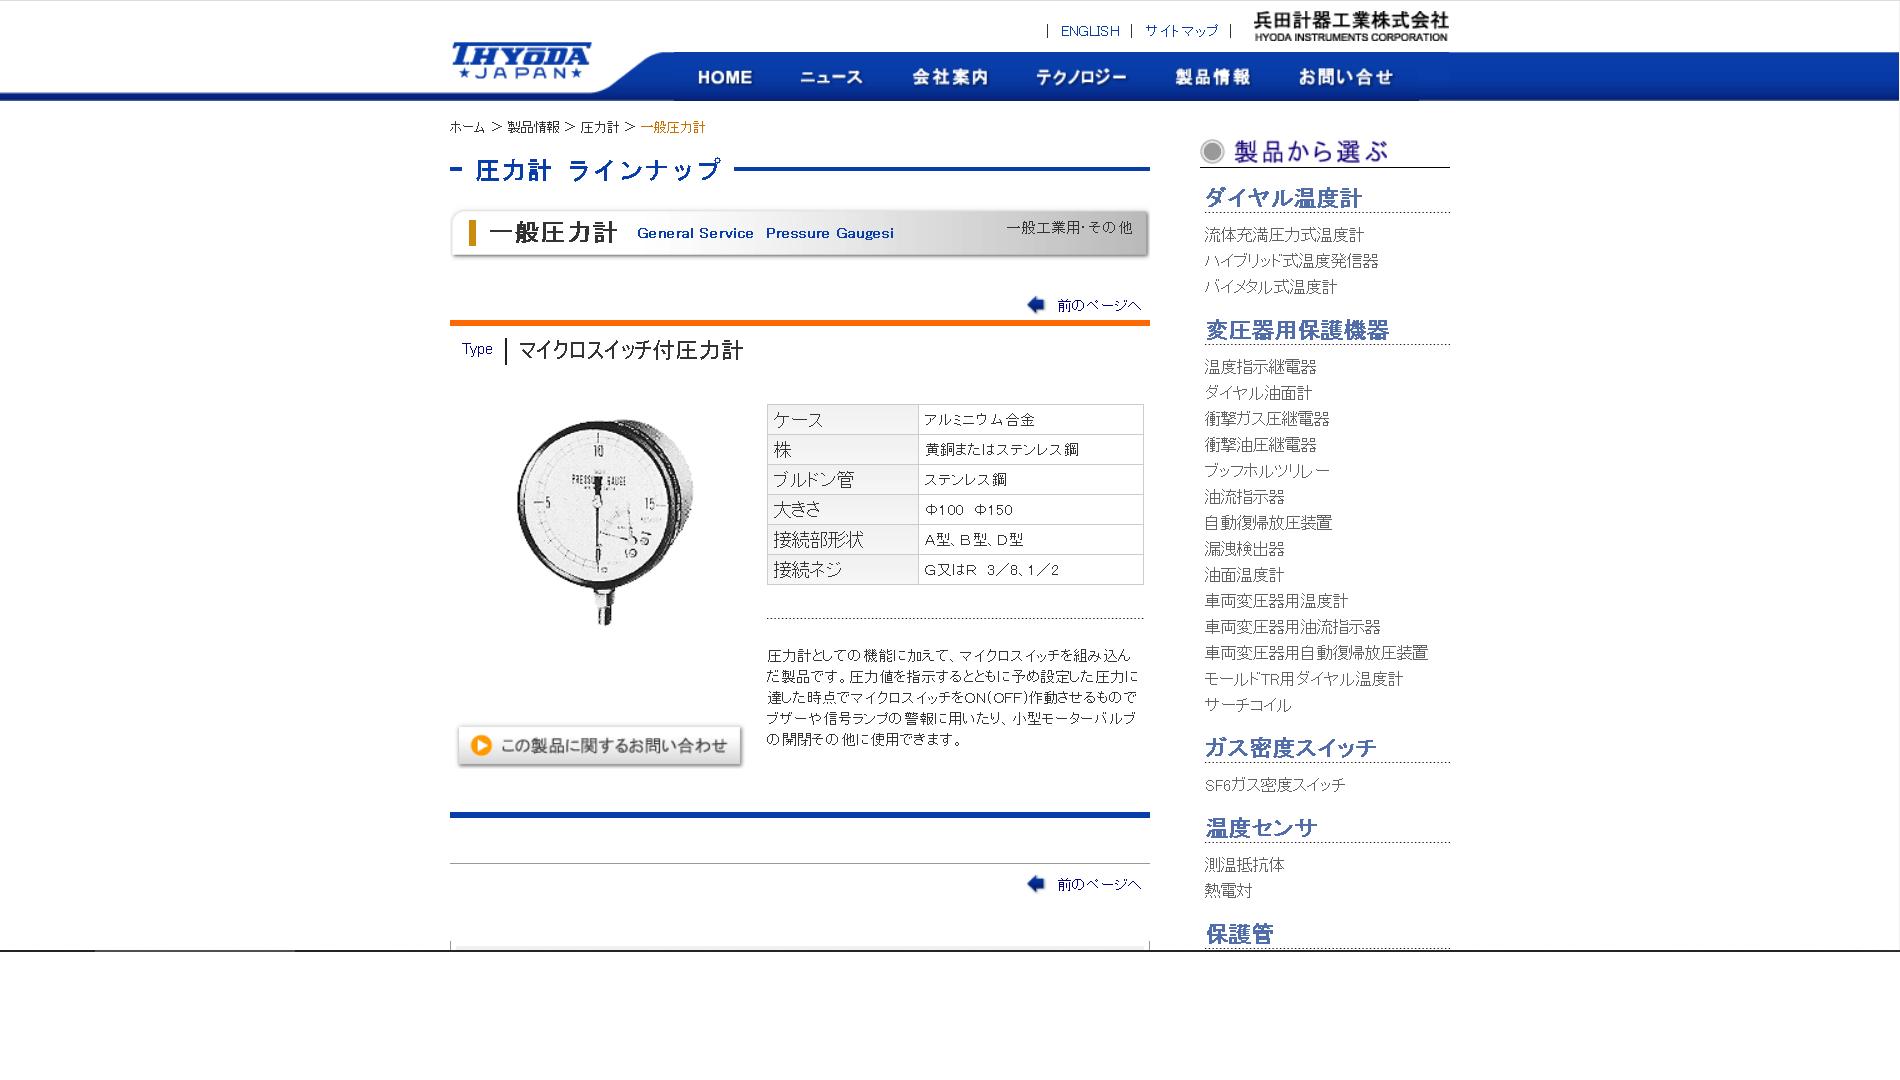 マイクロスイッチ付圧力計